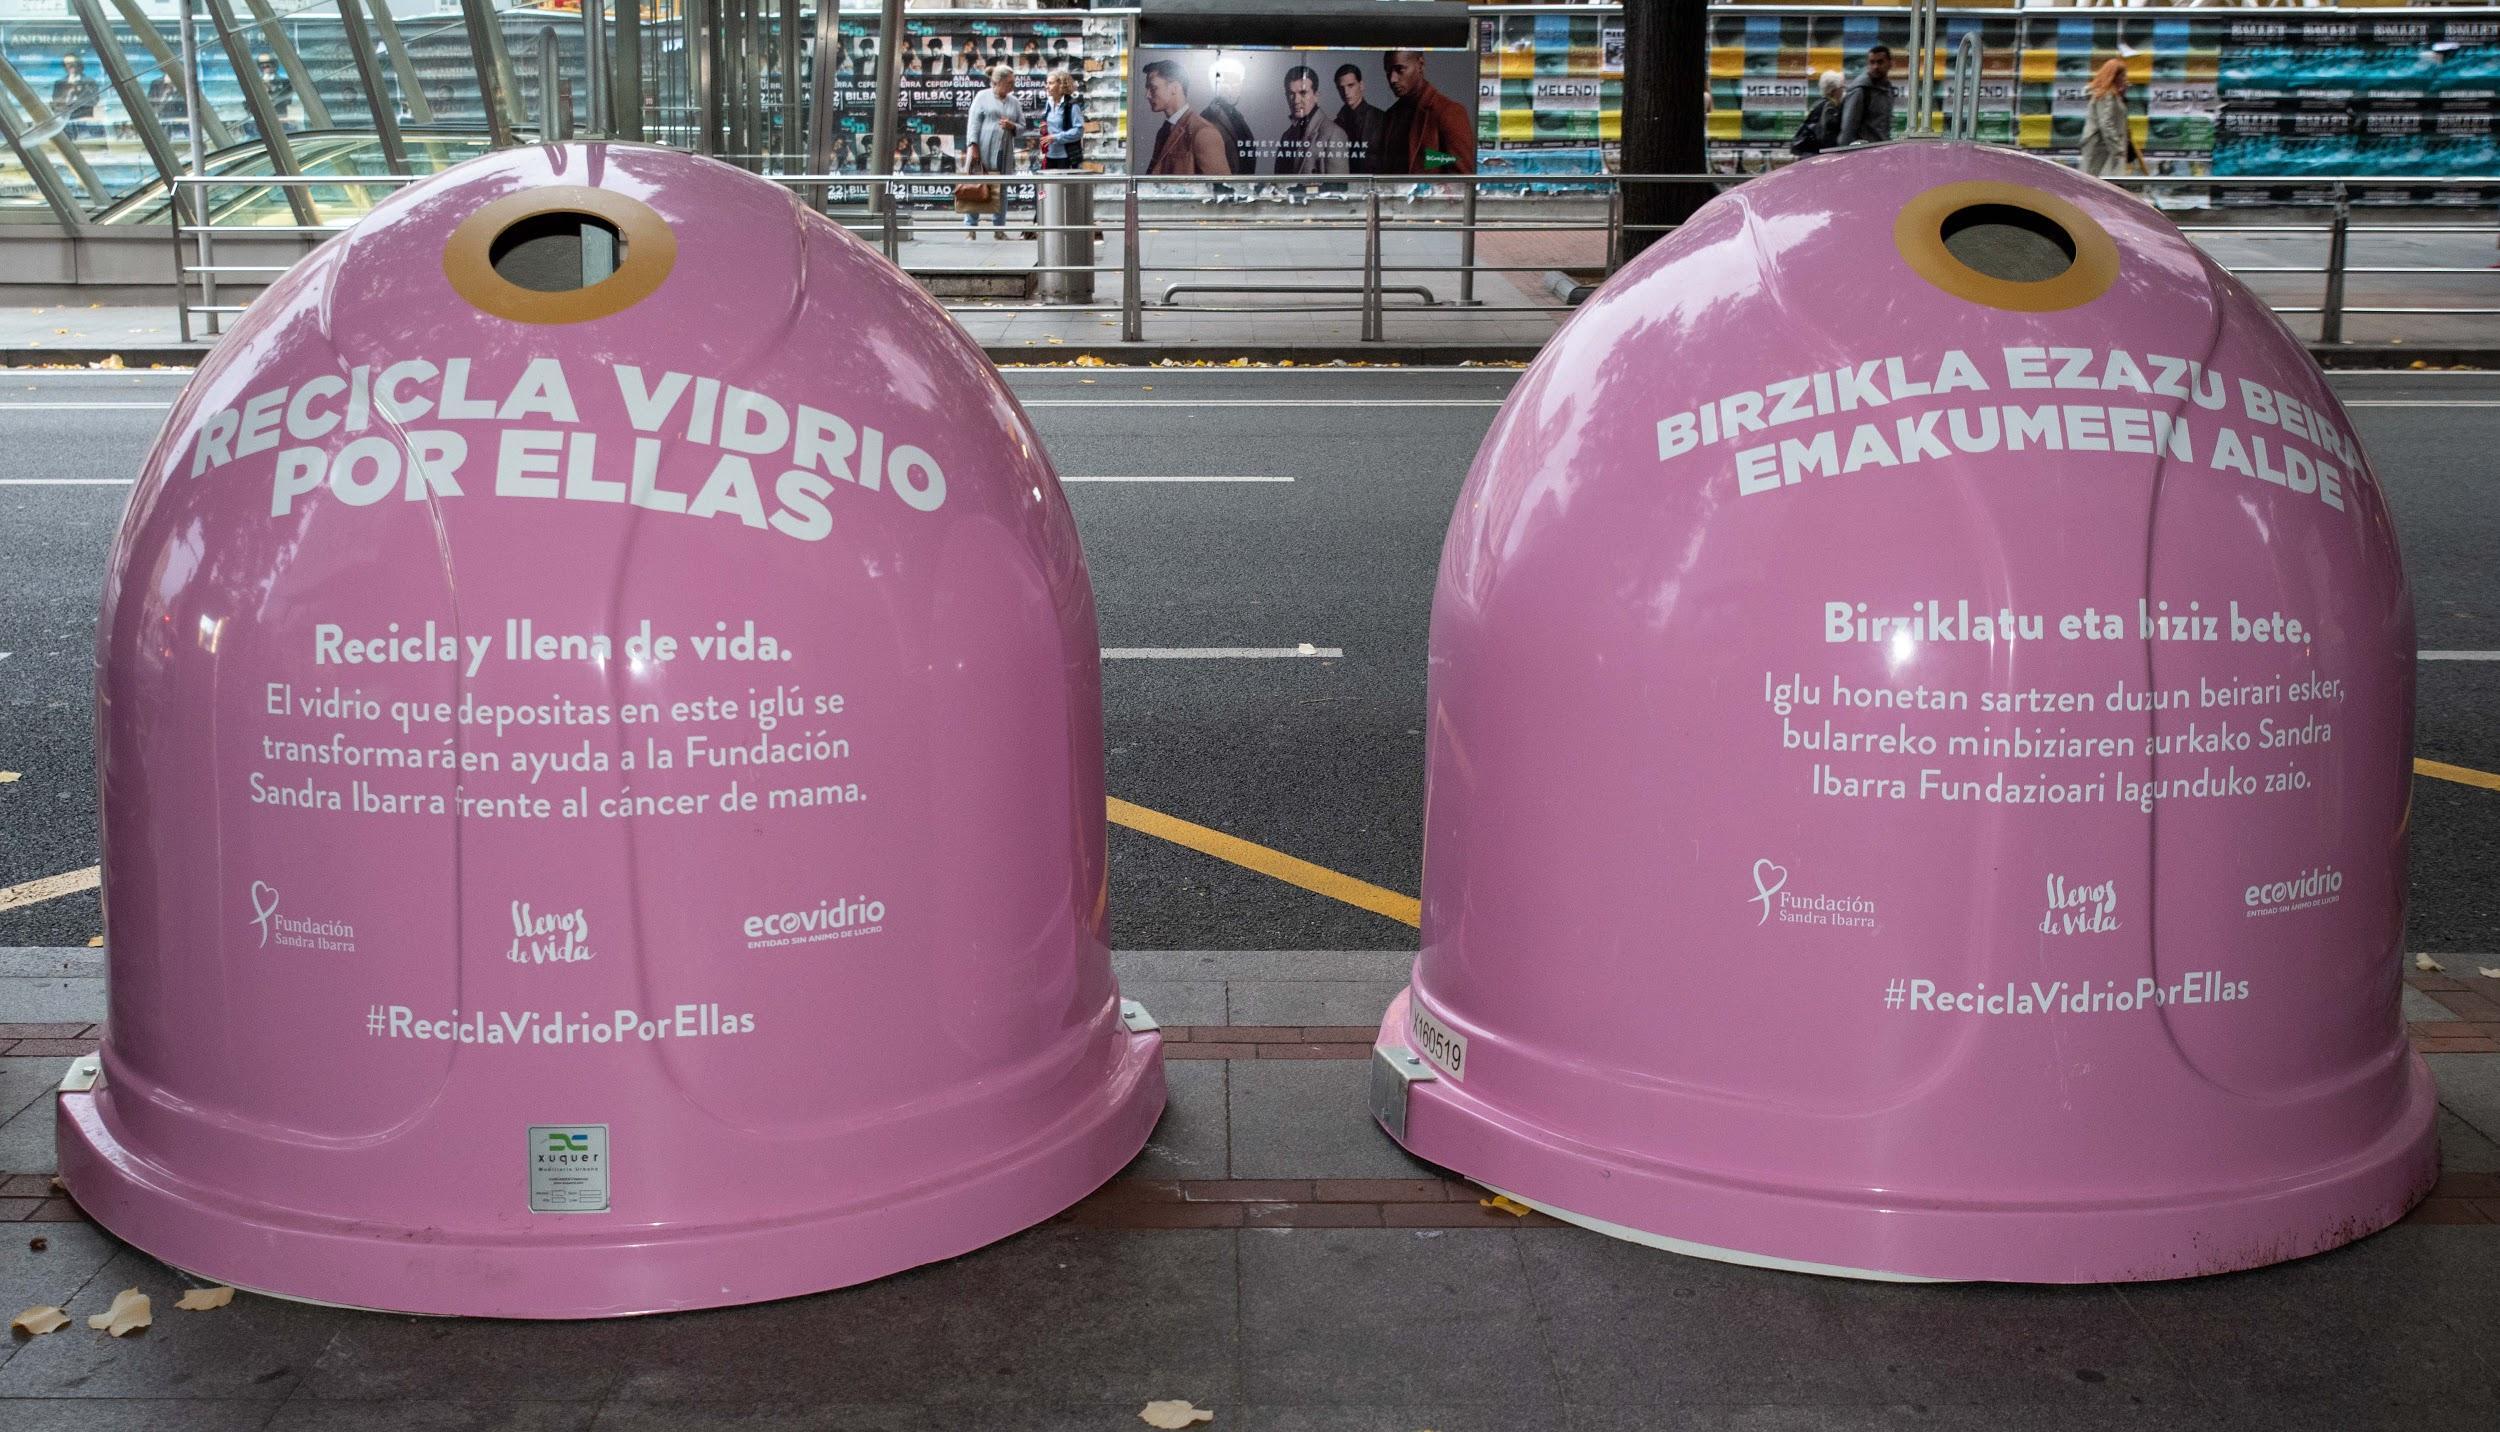 reciclaje solidario - campaña recicla vidrio por ellas - contenedores rosa